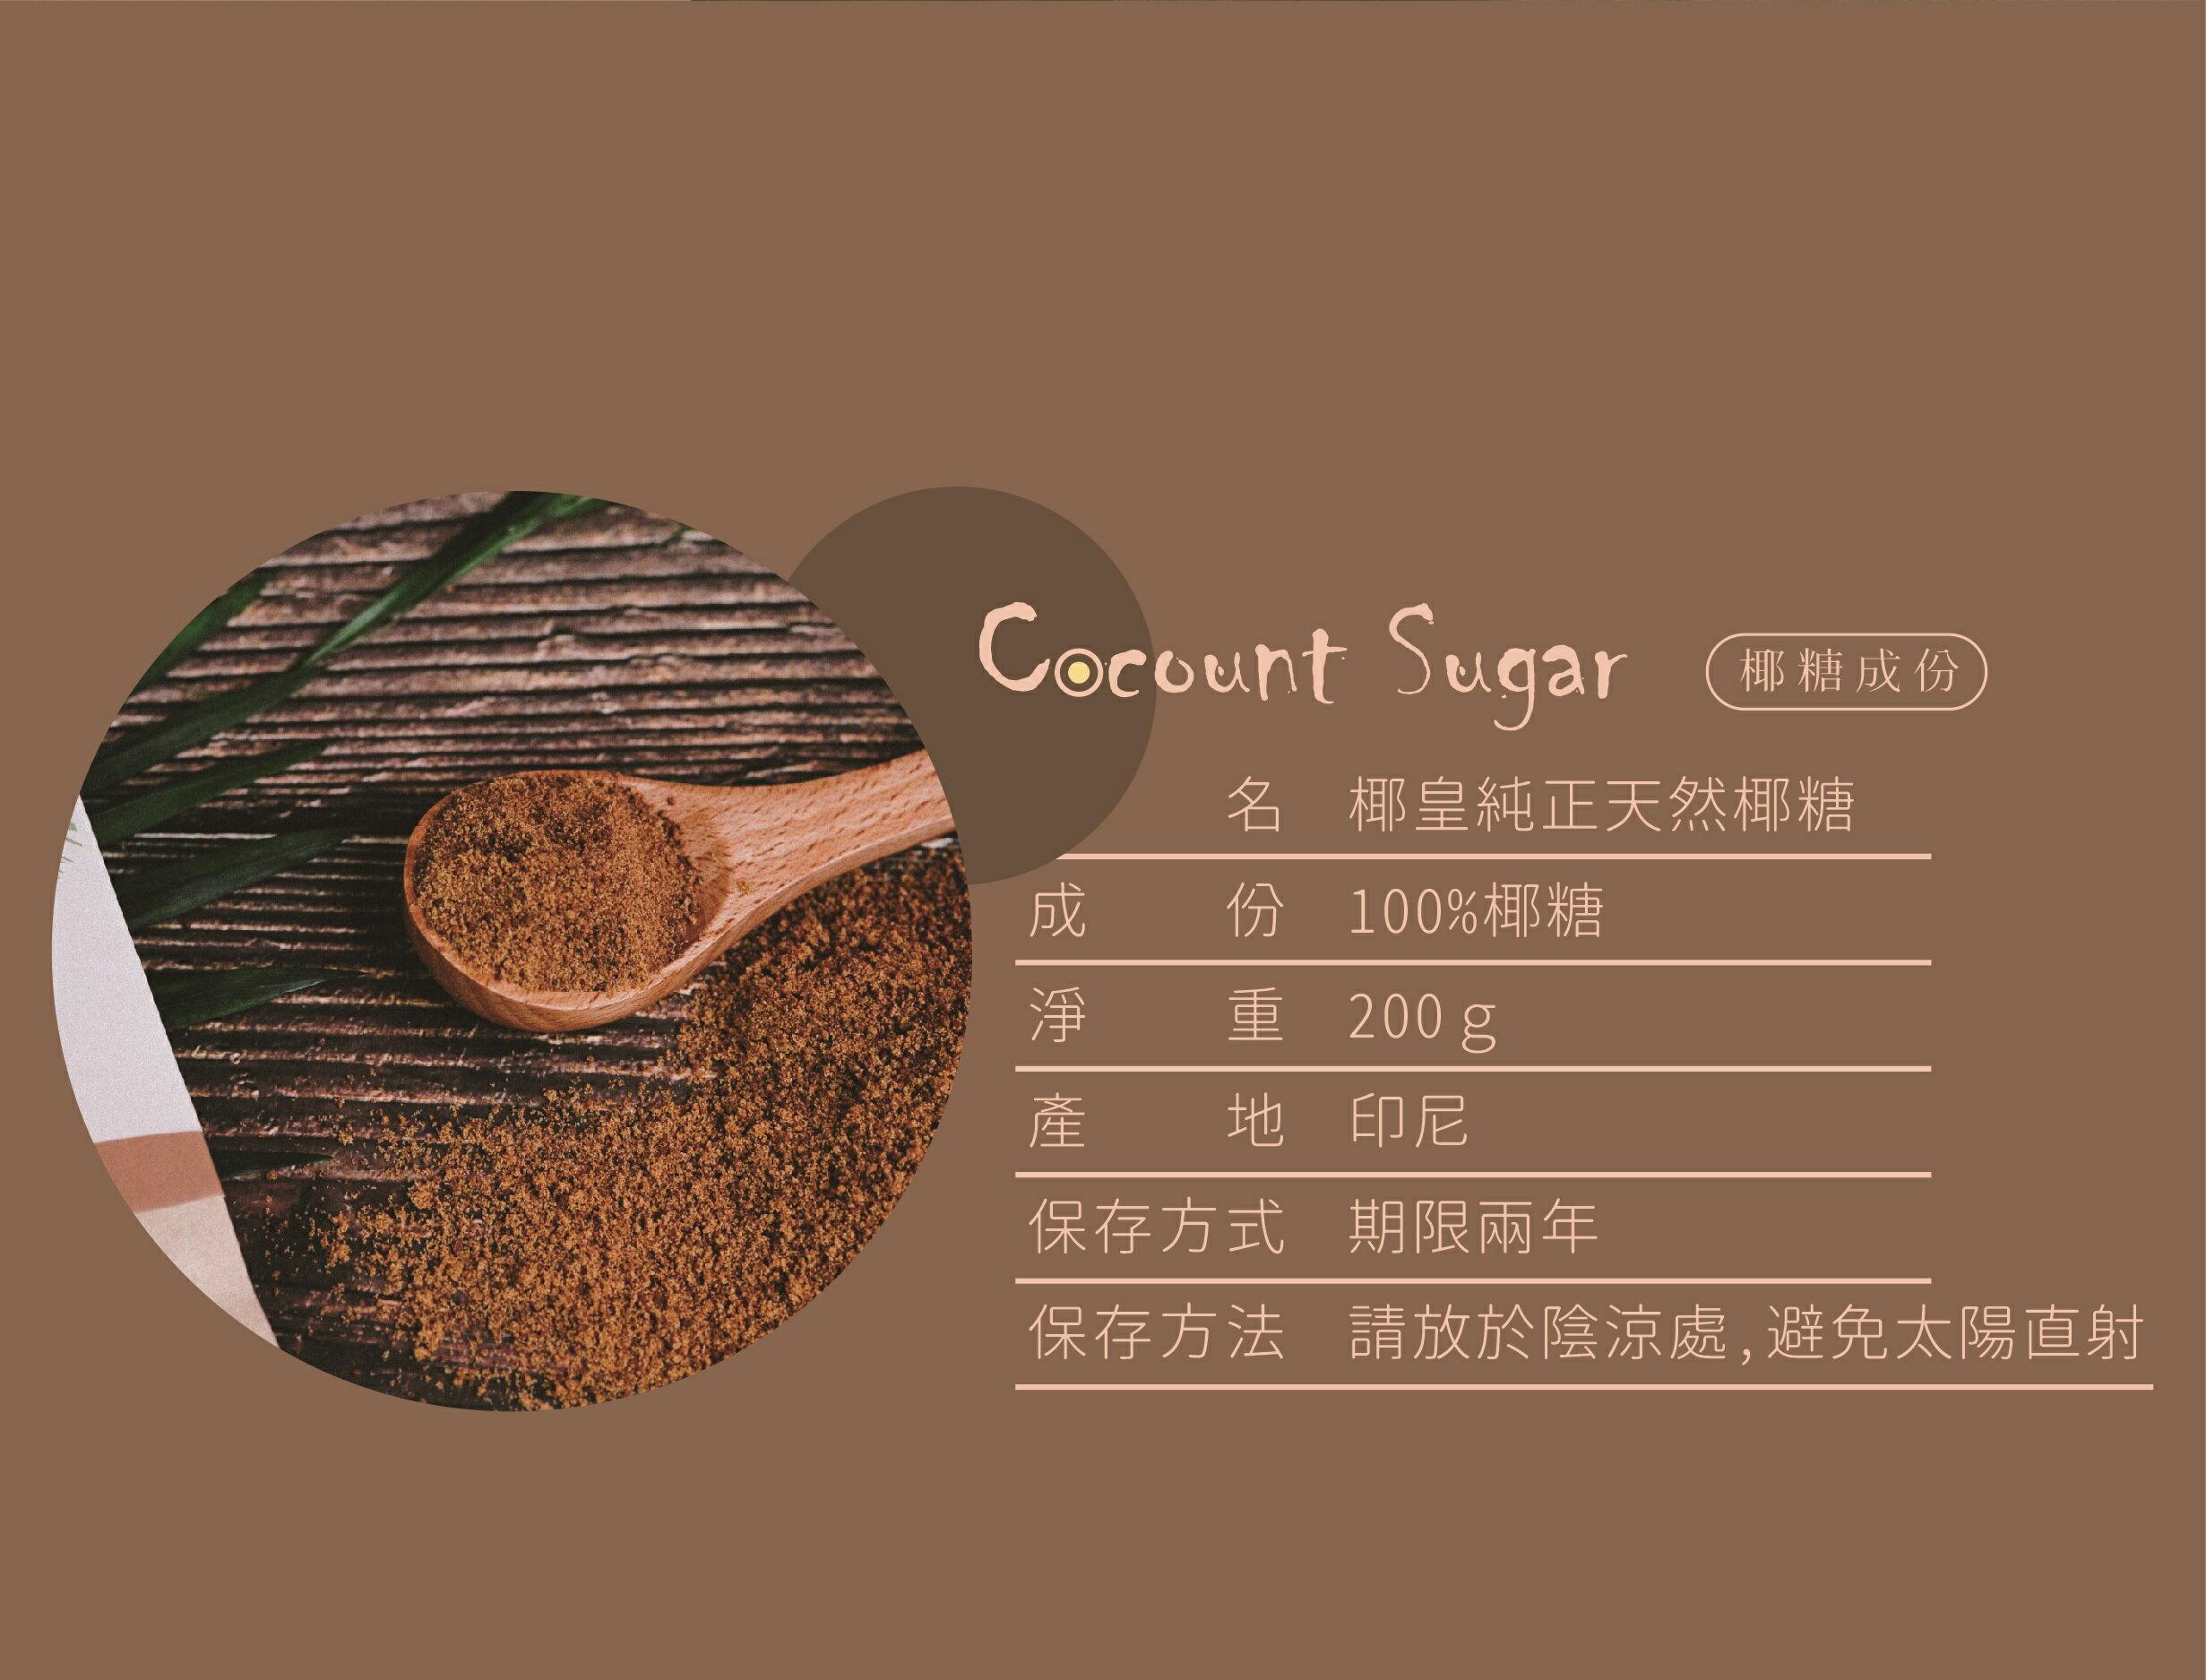 椰皇 純正椰子花蜜糖 椰糖 200g買1送1 共2包 2